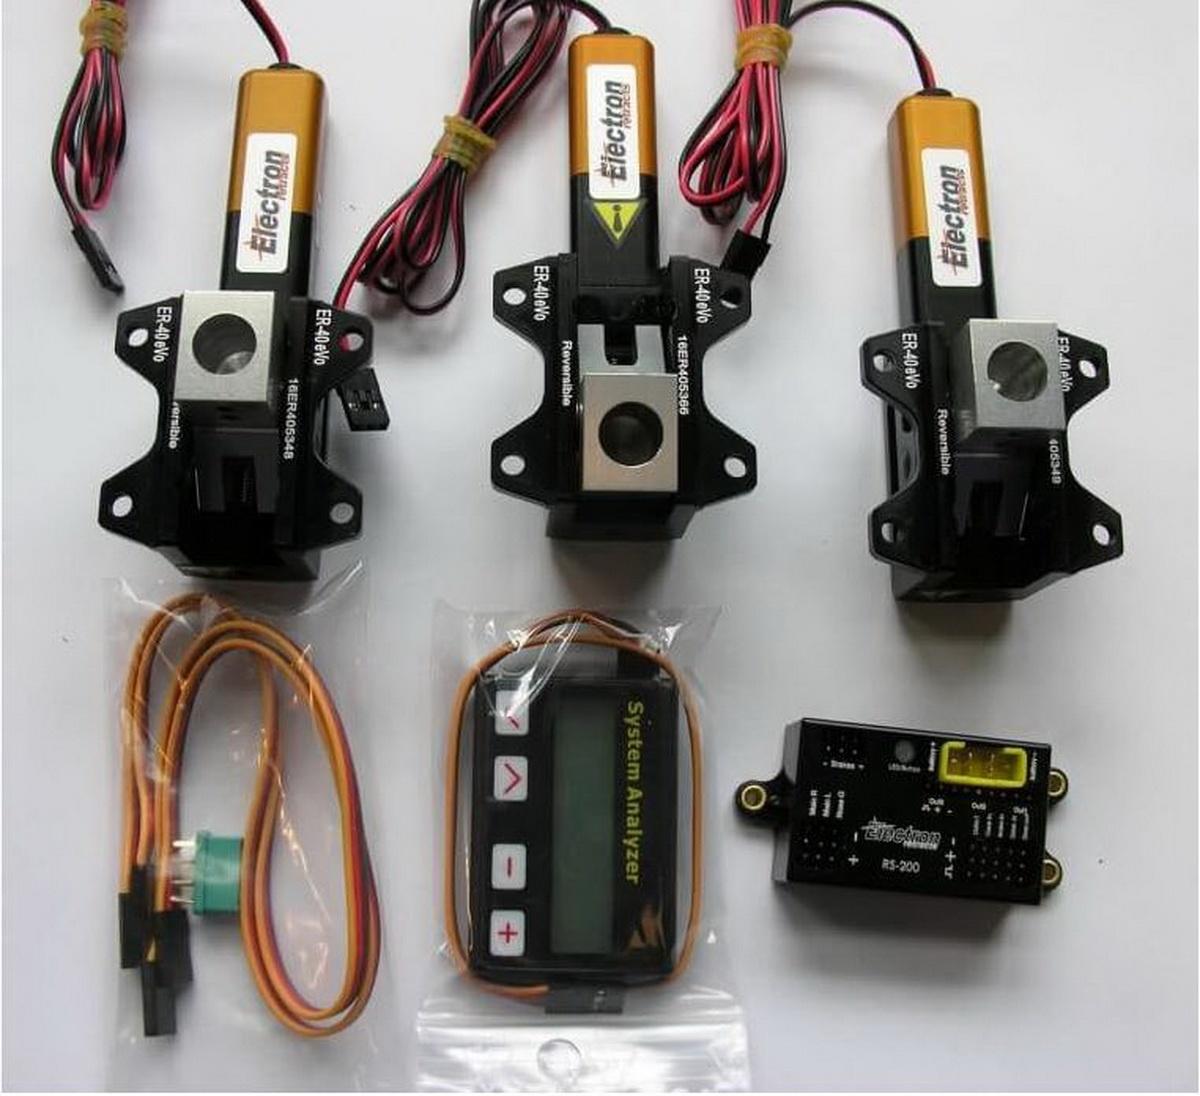 Einziehfahrwerk ER-40 eVo 3-Bein Elektronik RS-200 plus